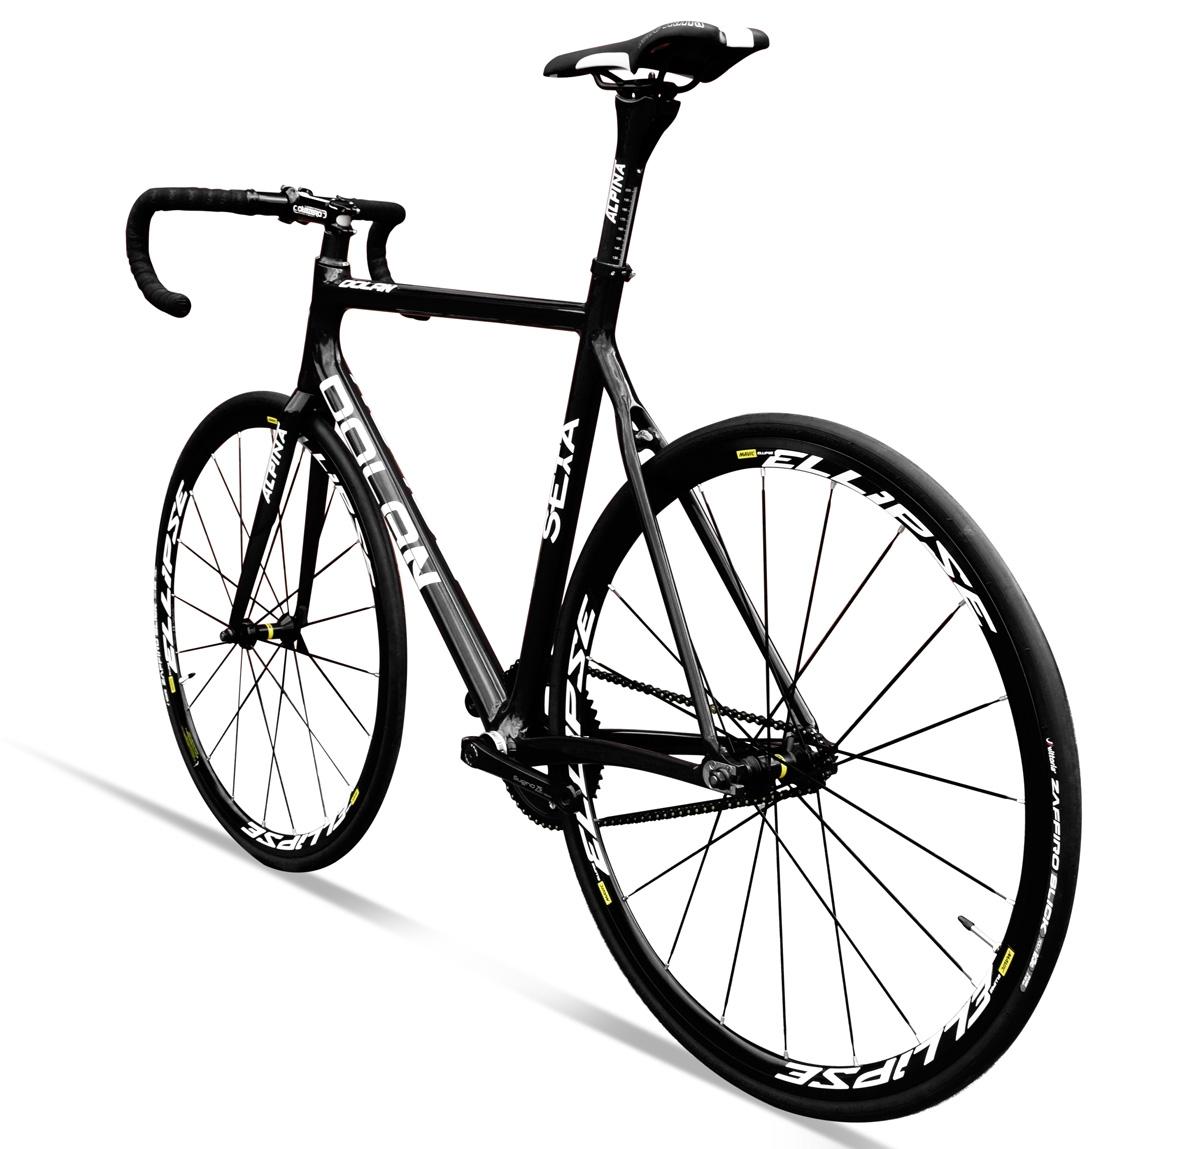 seta-track-bike-ellipse-wheels-3